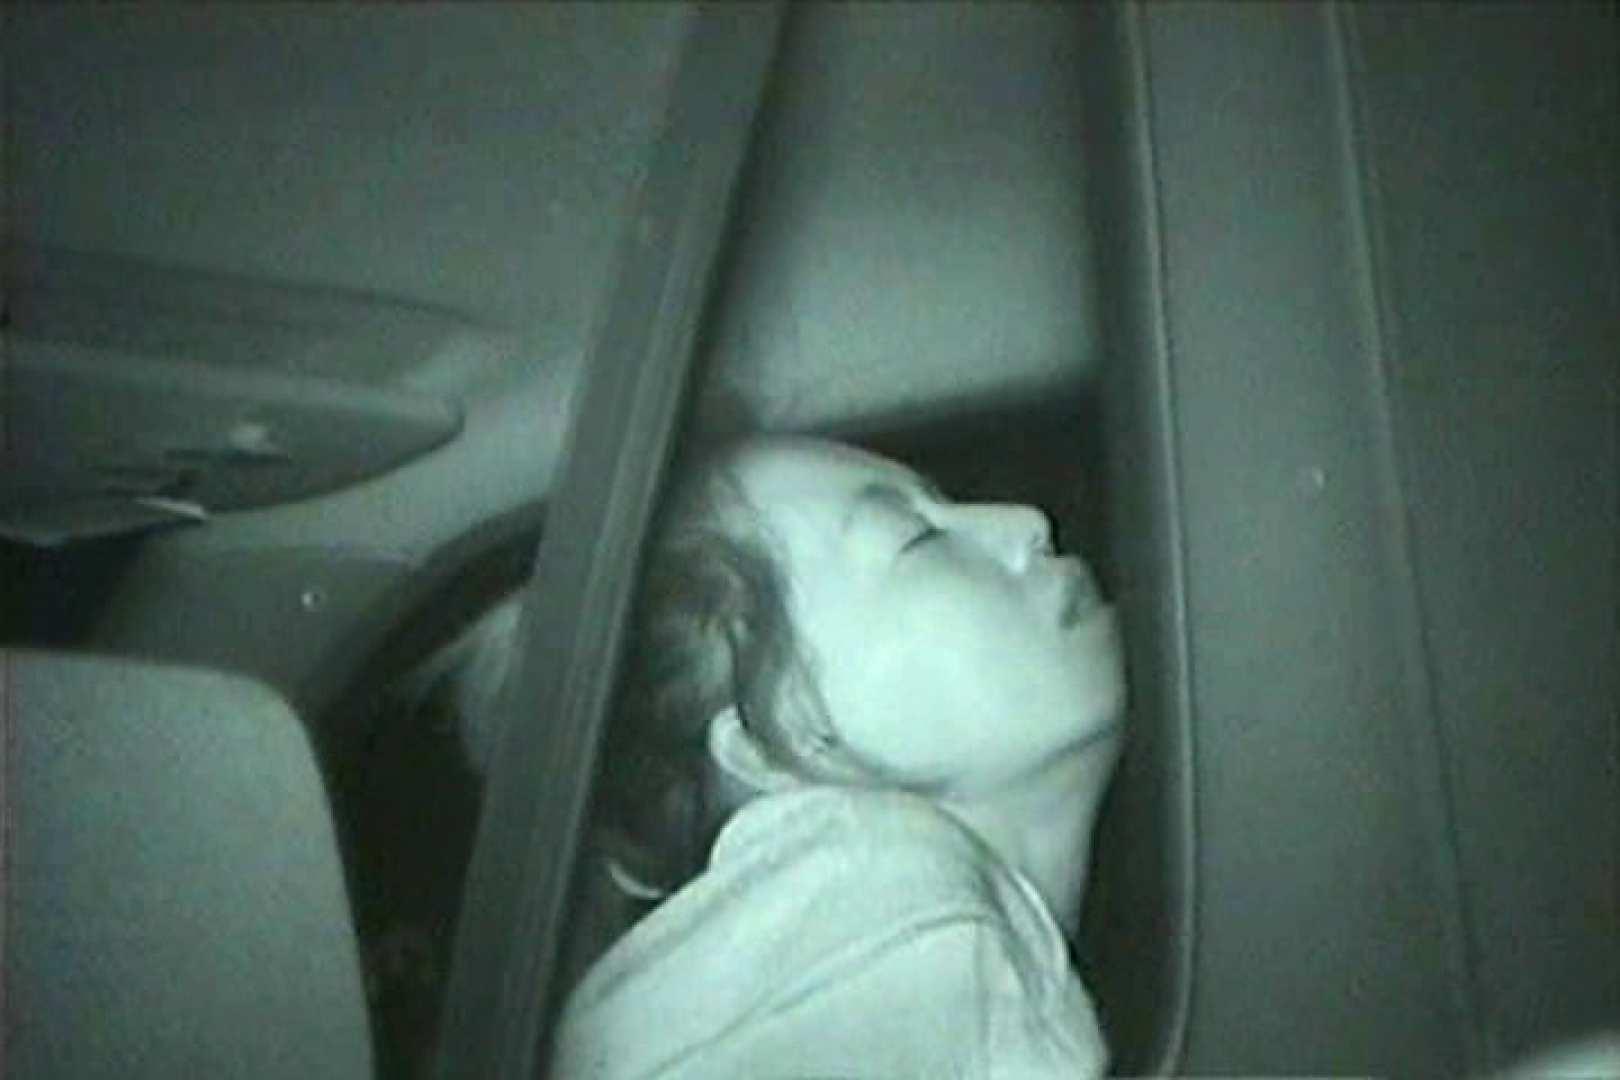 車の中はラブホテル 無修正版  Vol.24 ラブホテル 盗撮オメコ無修正動画無料 56pic 41